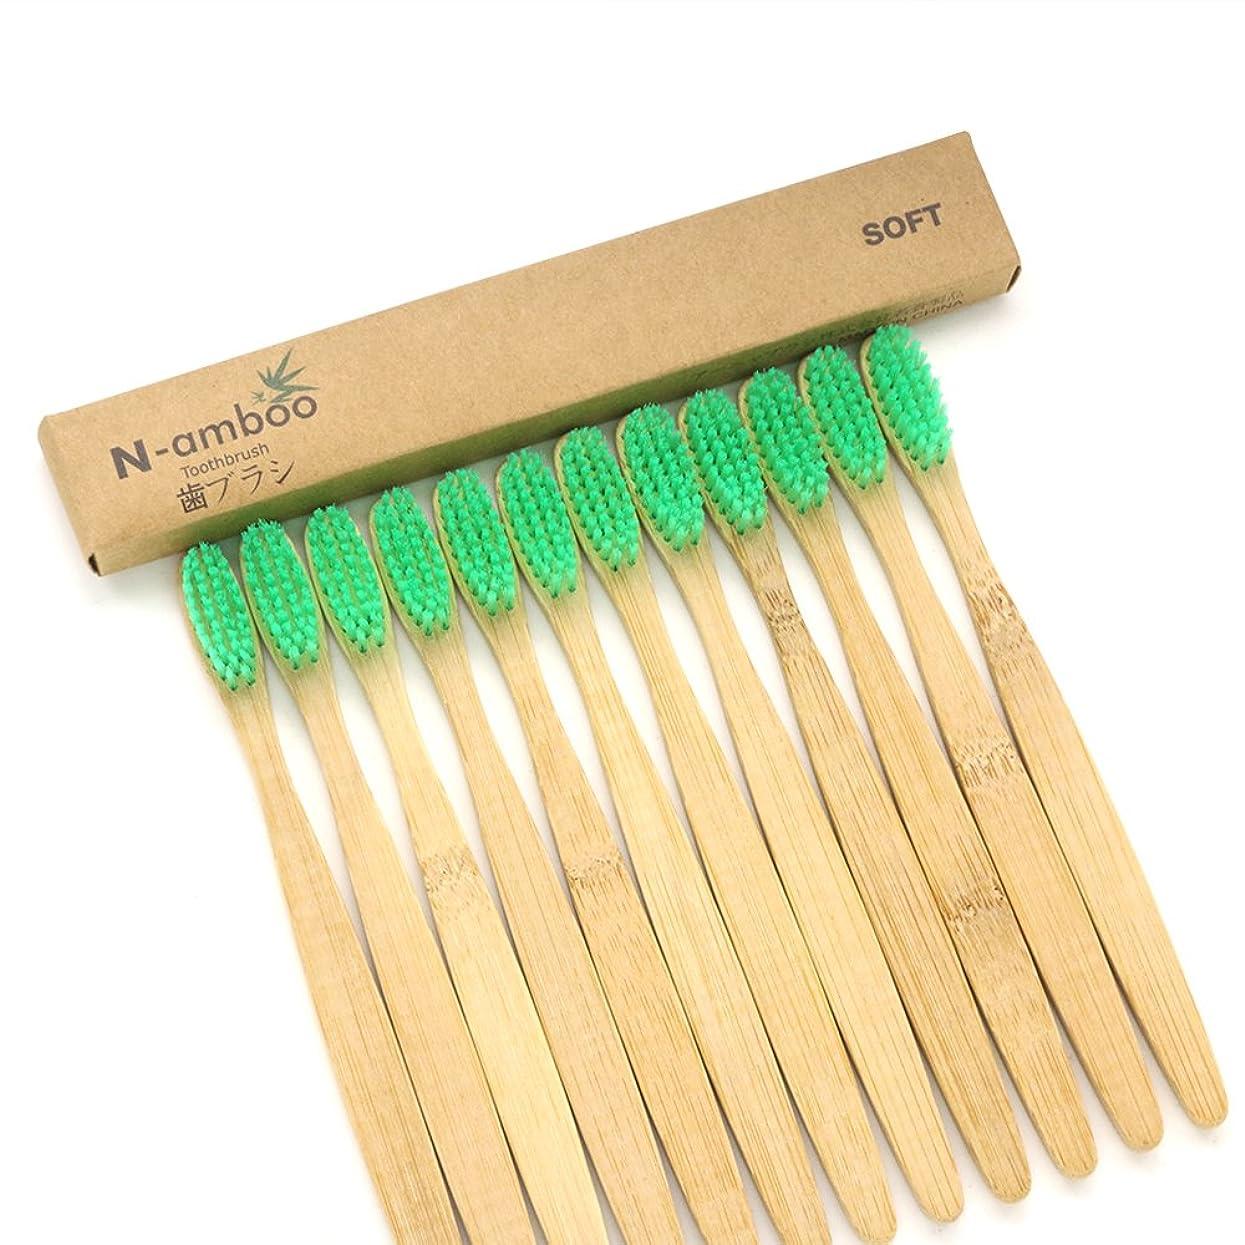 スピン試みるアレイN-amboo 竹製 歯ブラシ 高耐久性 セット エコ 軽量 12本入り 緑 セット